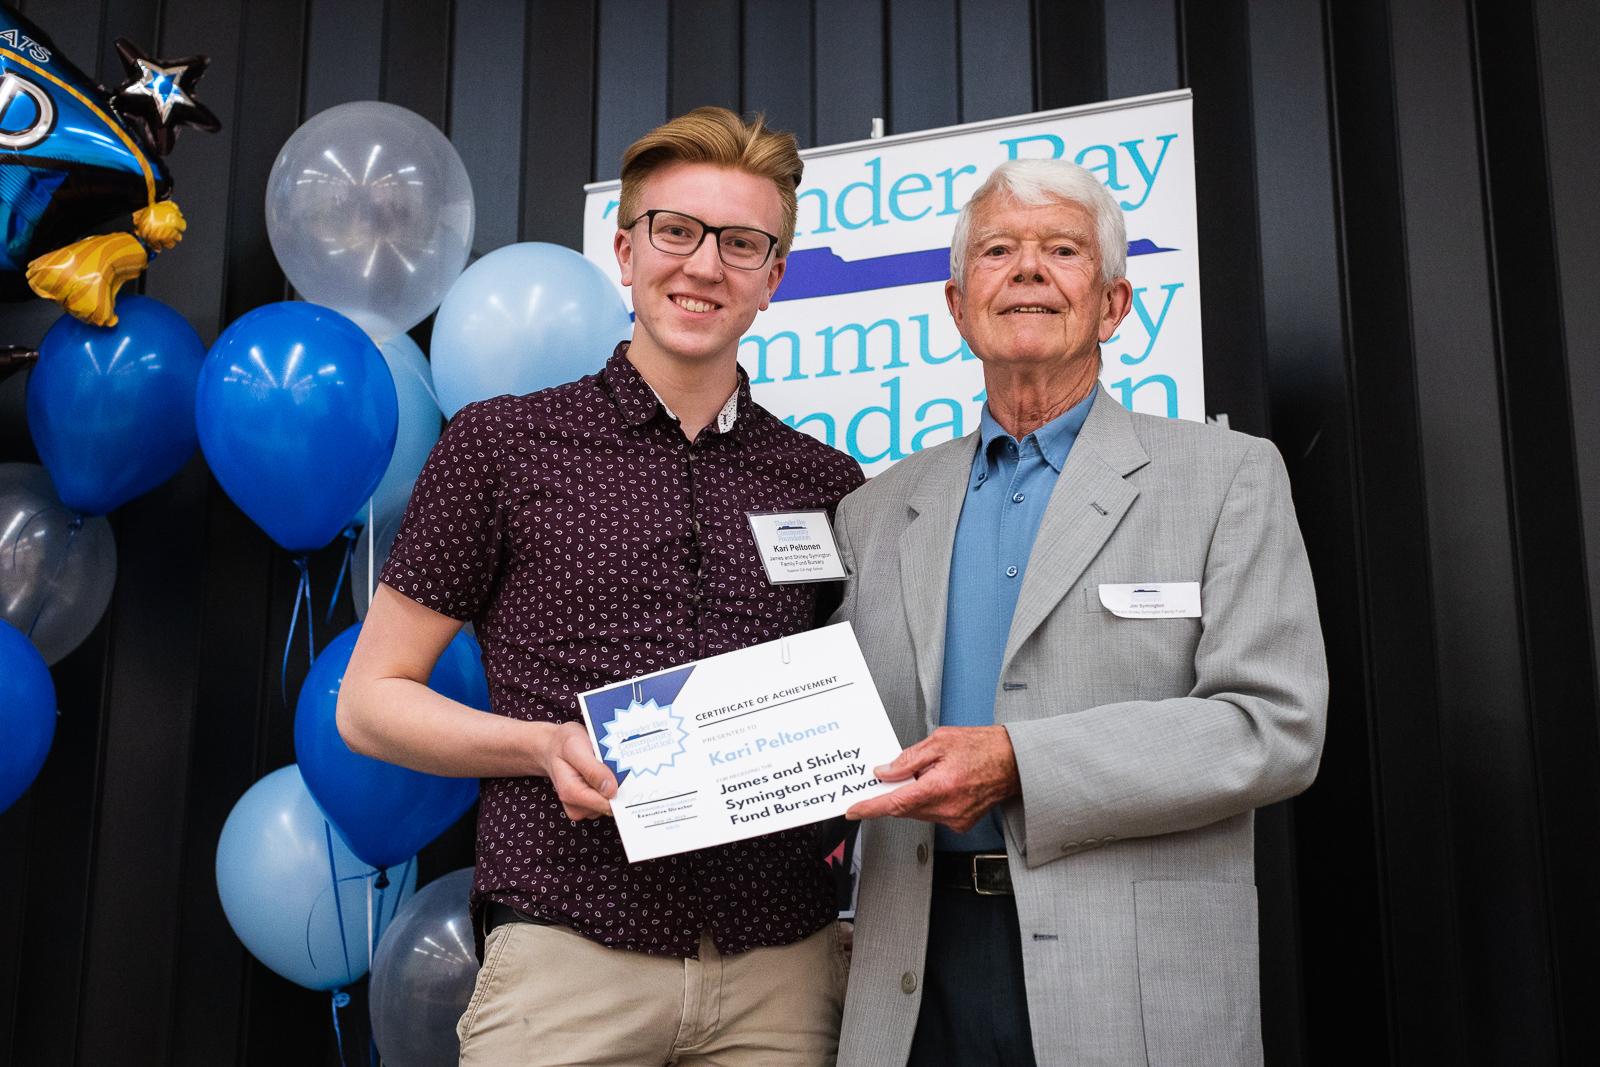 scholarship-bursary-award-reception-129.jpg